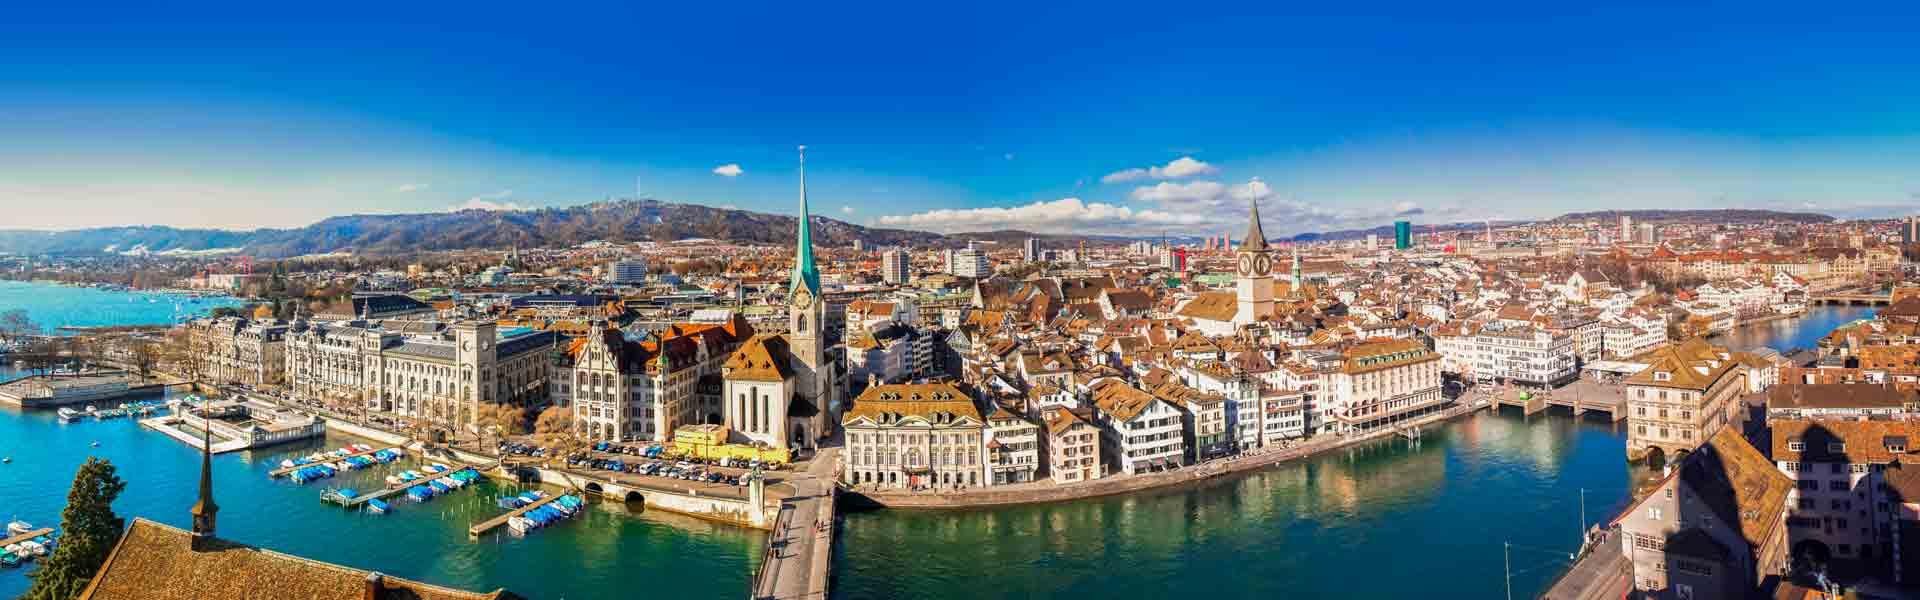 Entdecken Sie Kunst in einem tollen Anbieten: das Museum Rietberg in Zürich